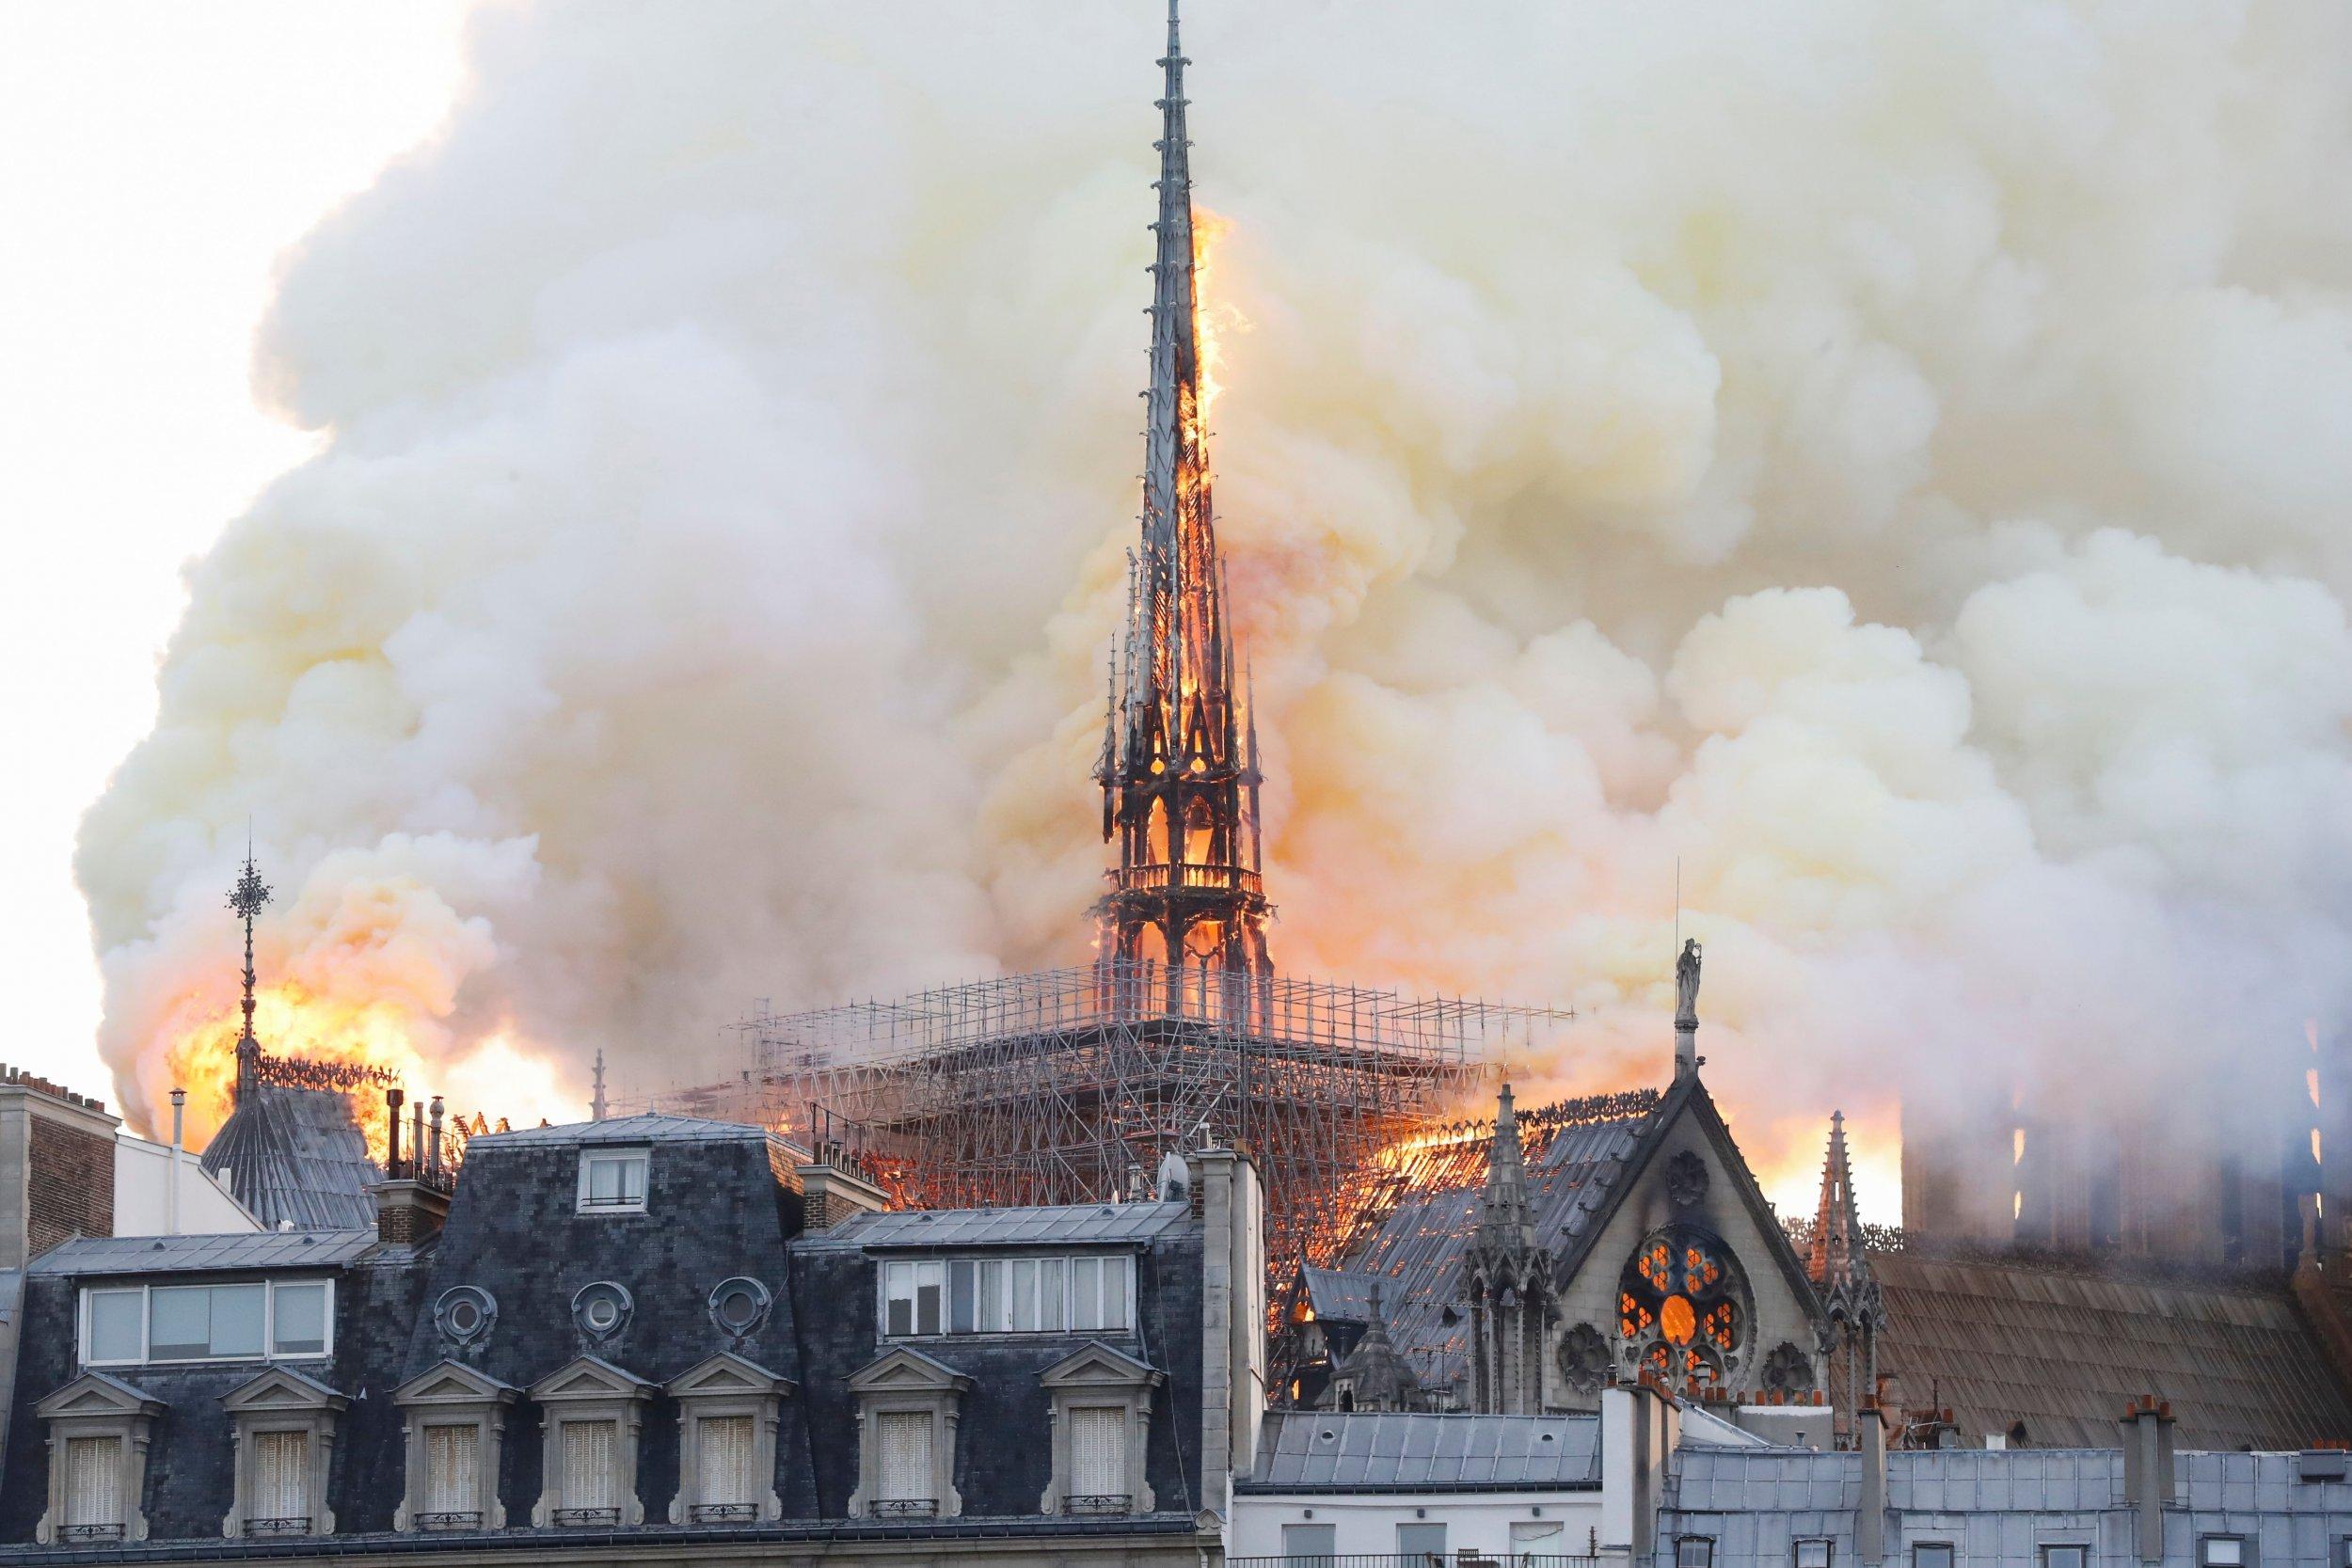 notre, dame, cathedral, fire, paris, photos